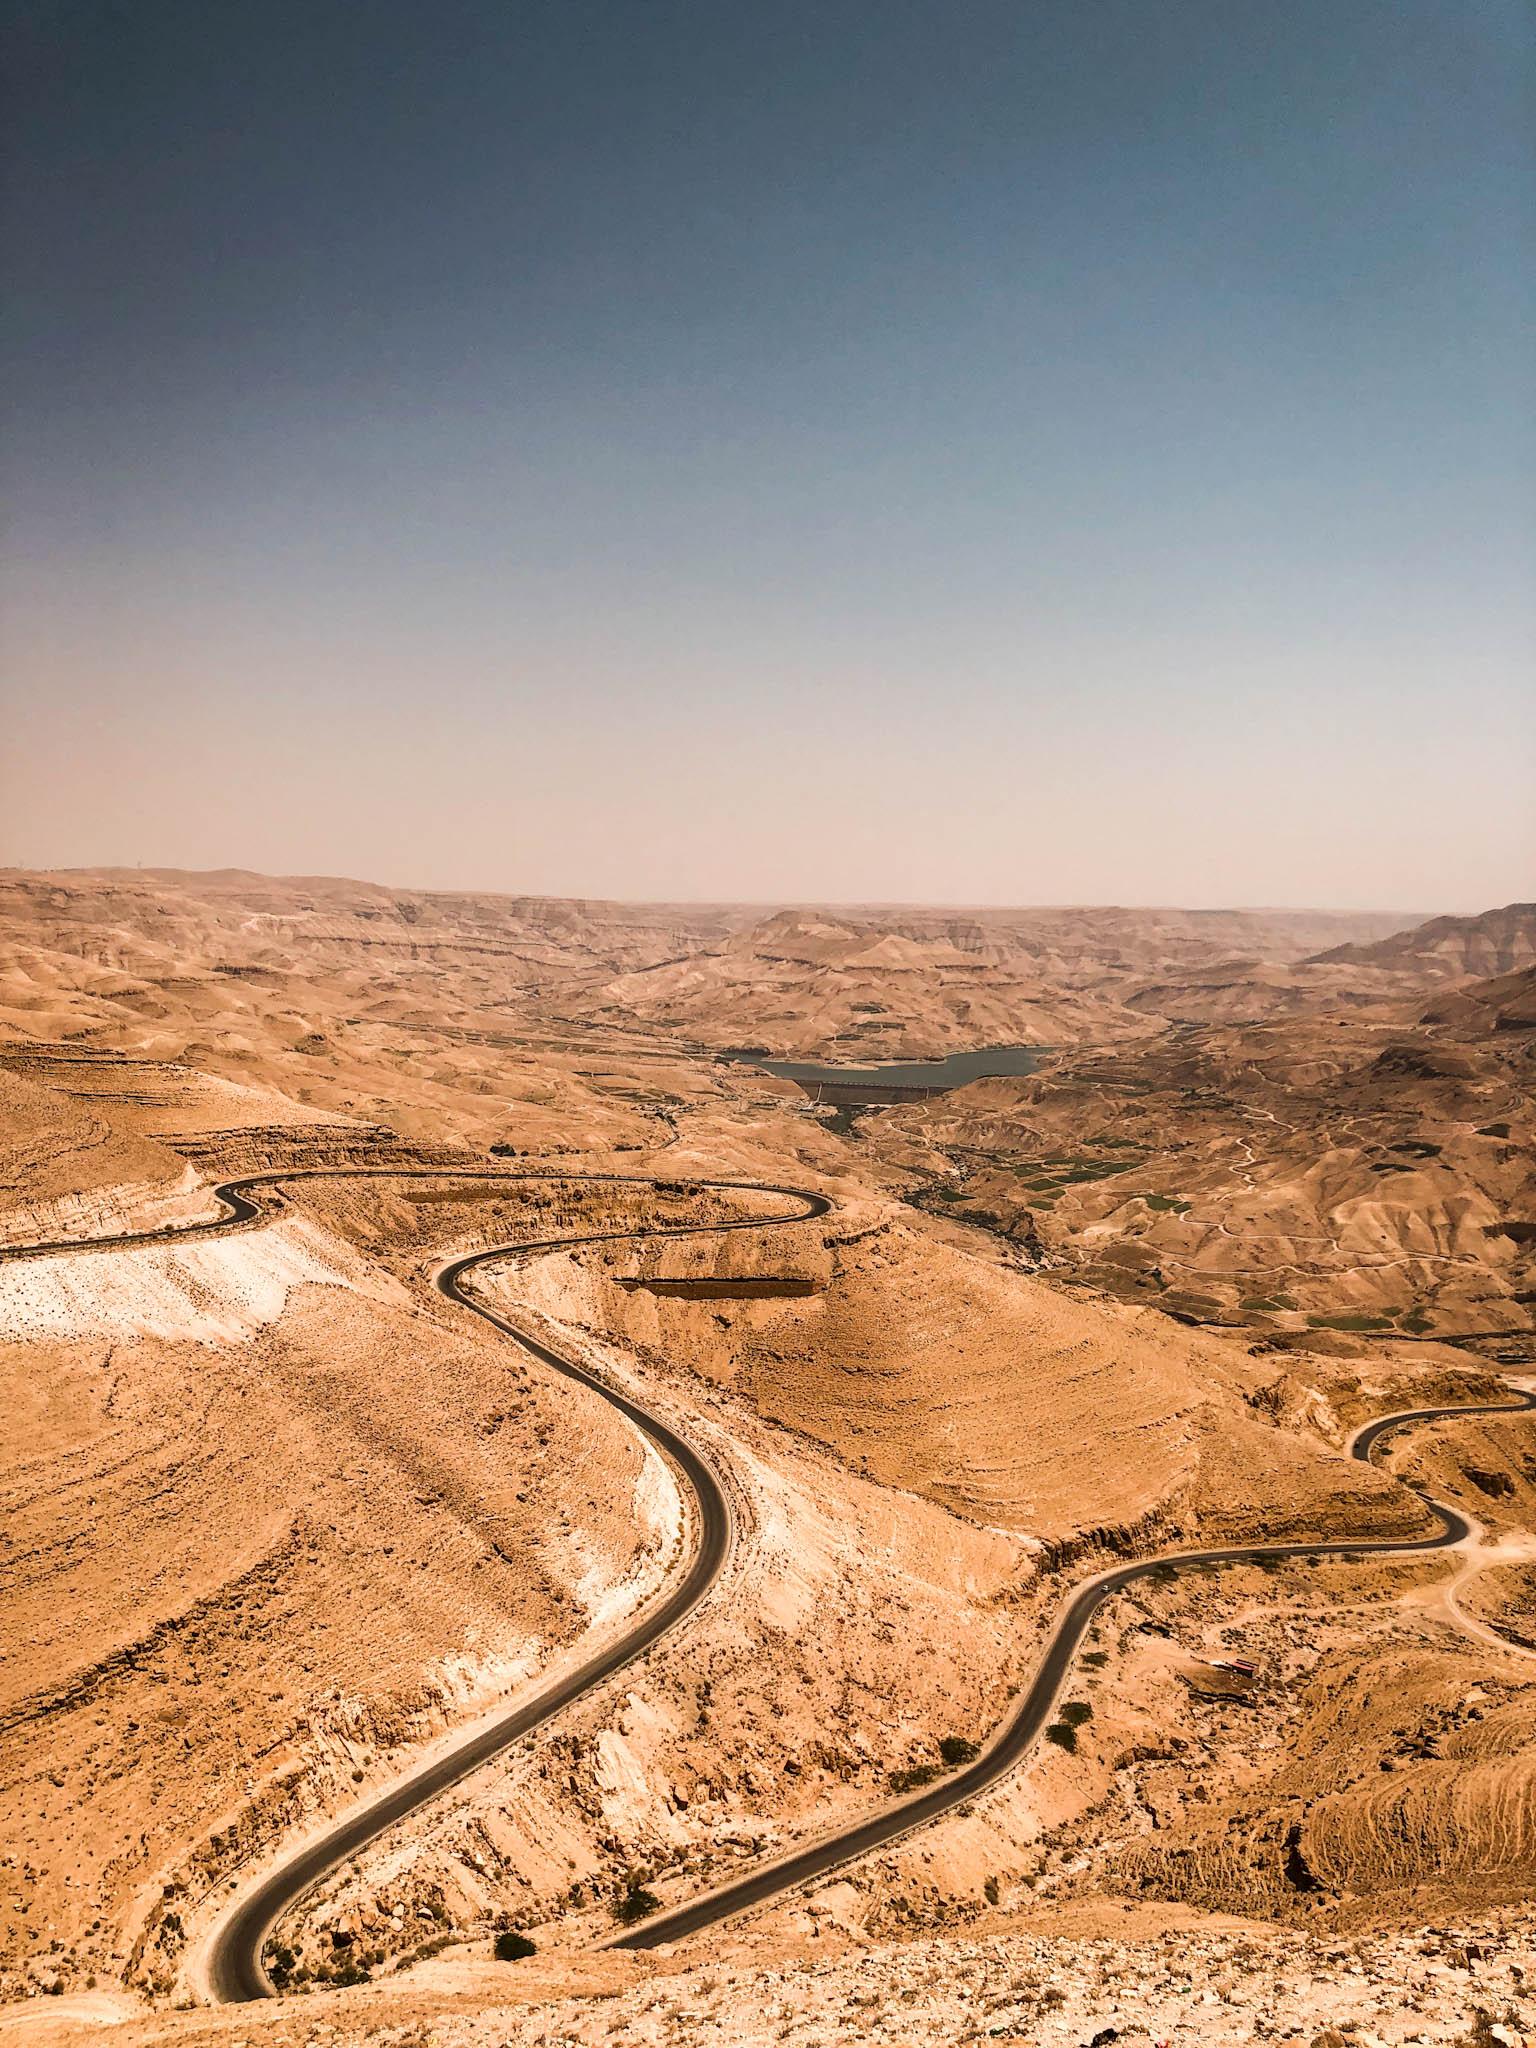 Jordania samochodem - trasa poza głównym szlakiem